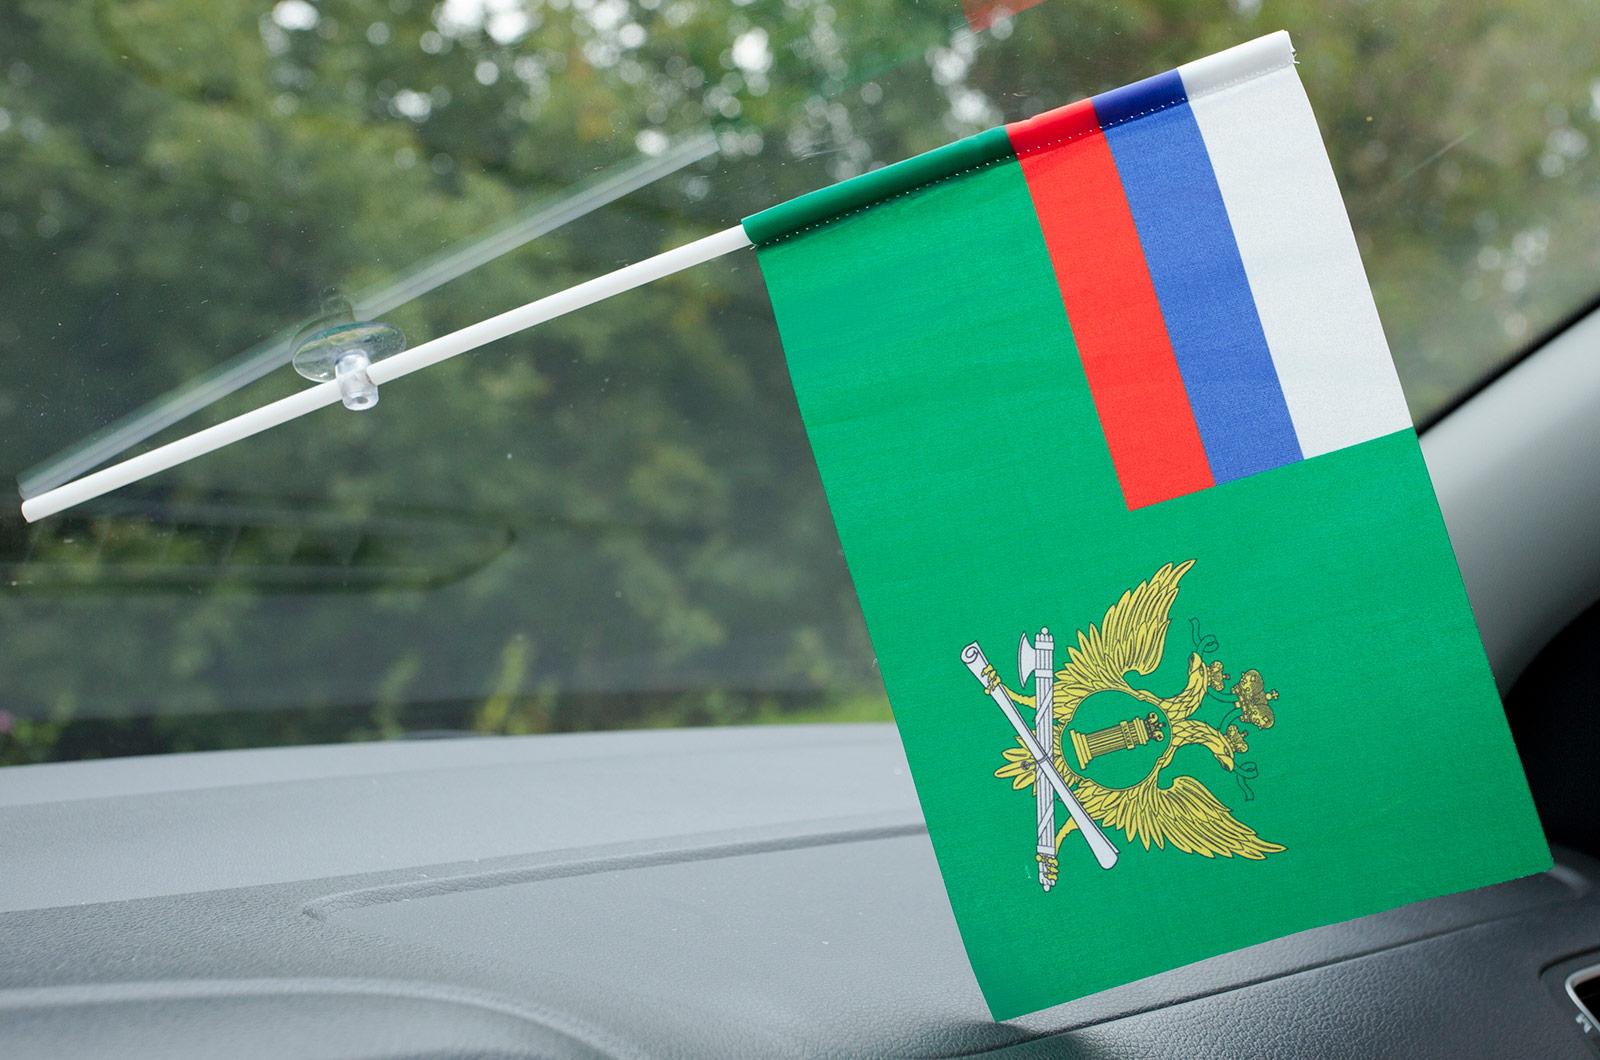 Флажок в машину с присоской Служба судебных приставов